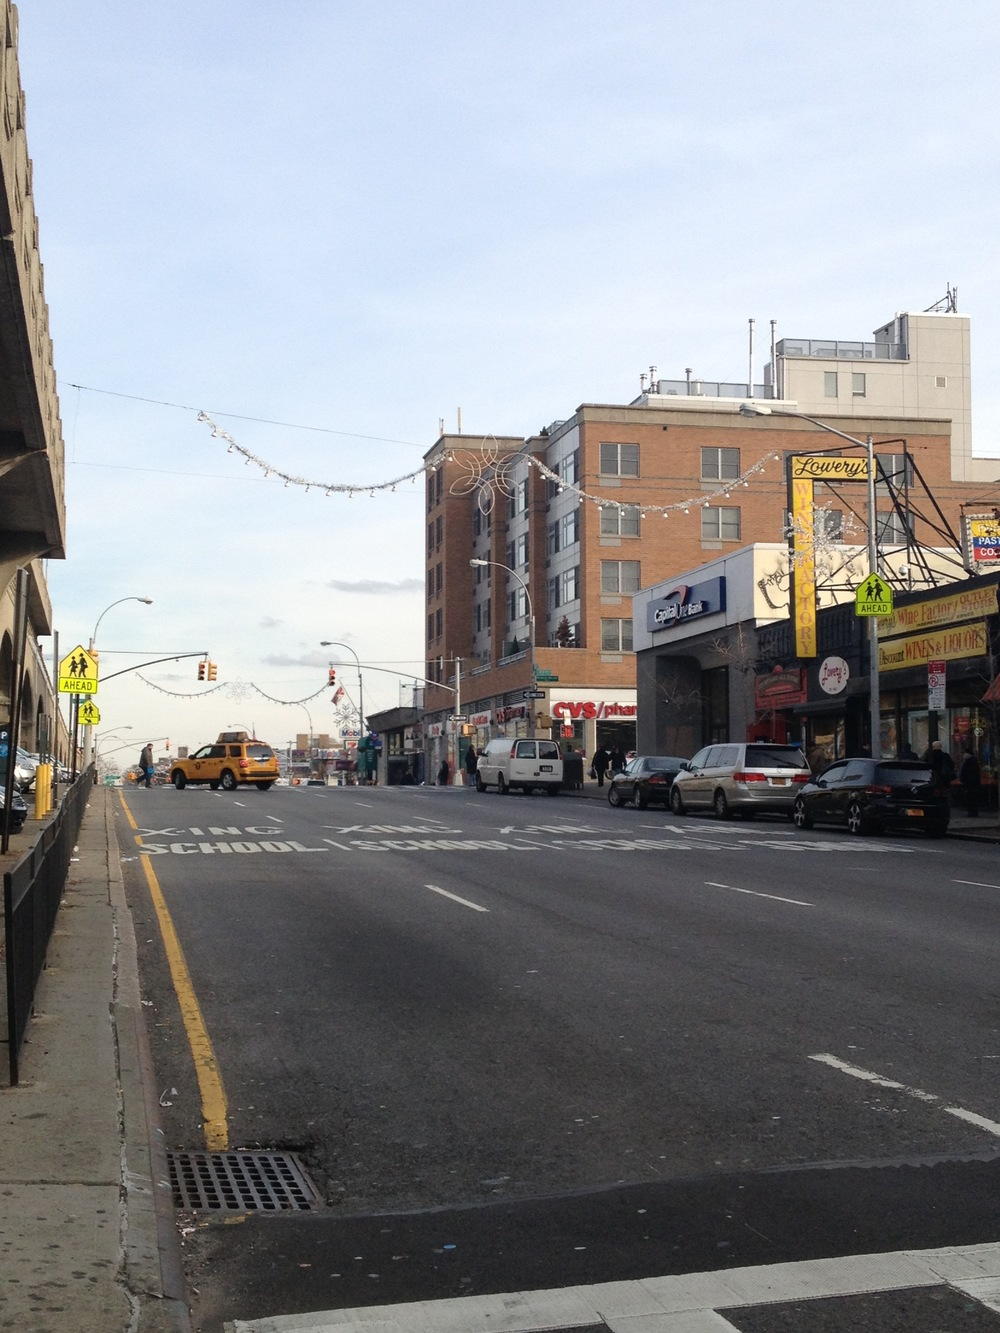 Photo taken in Queens, NY, by Rachel Quednau